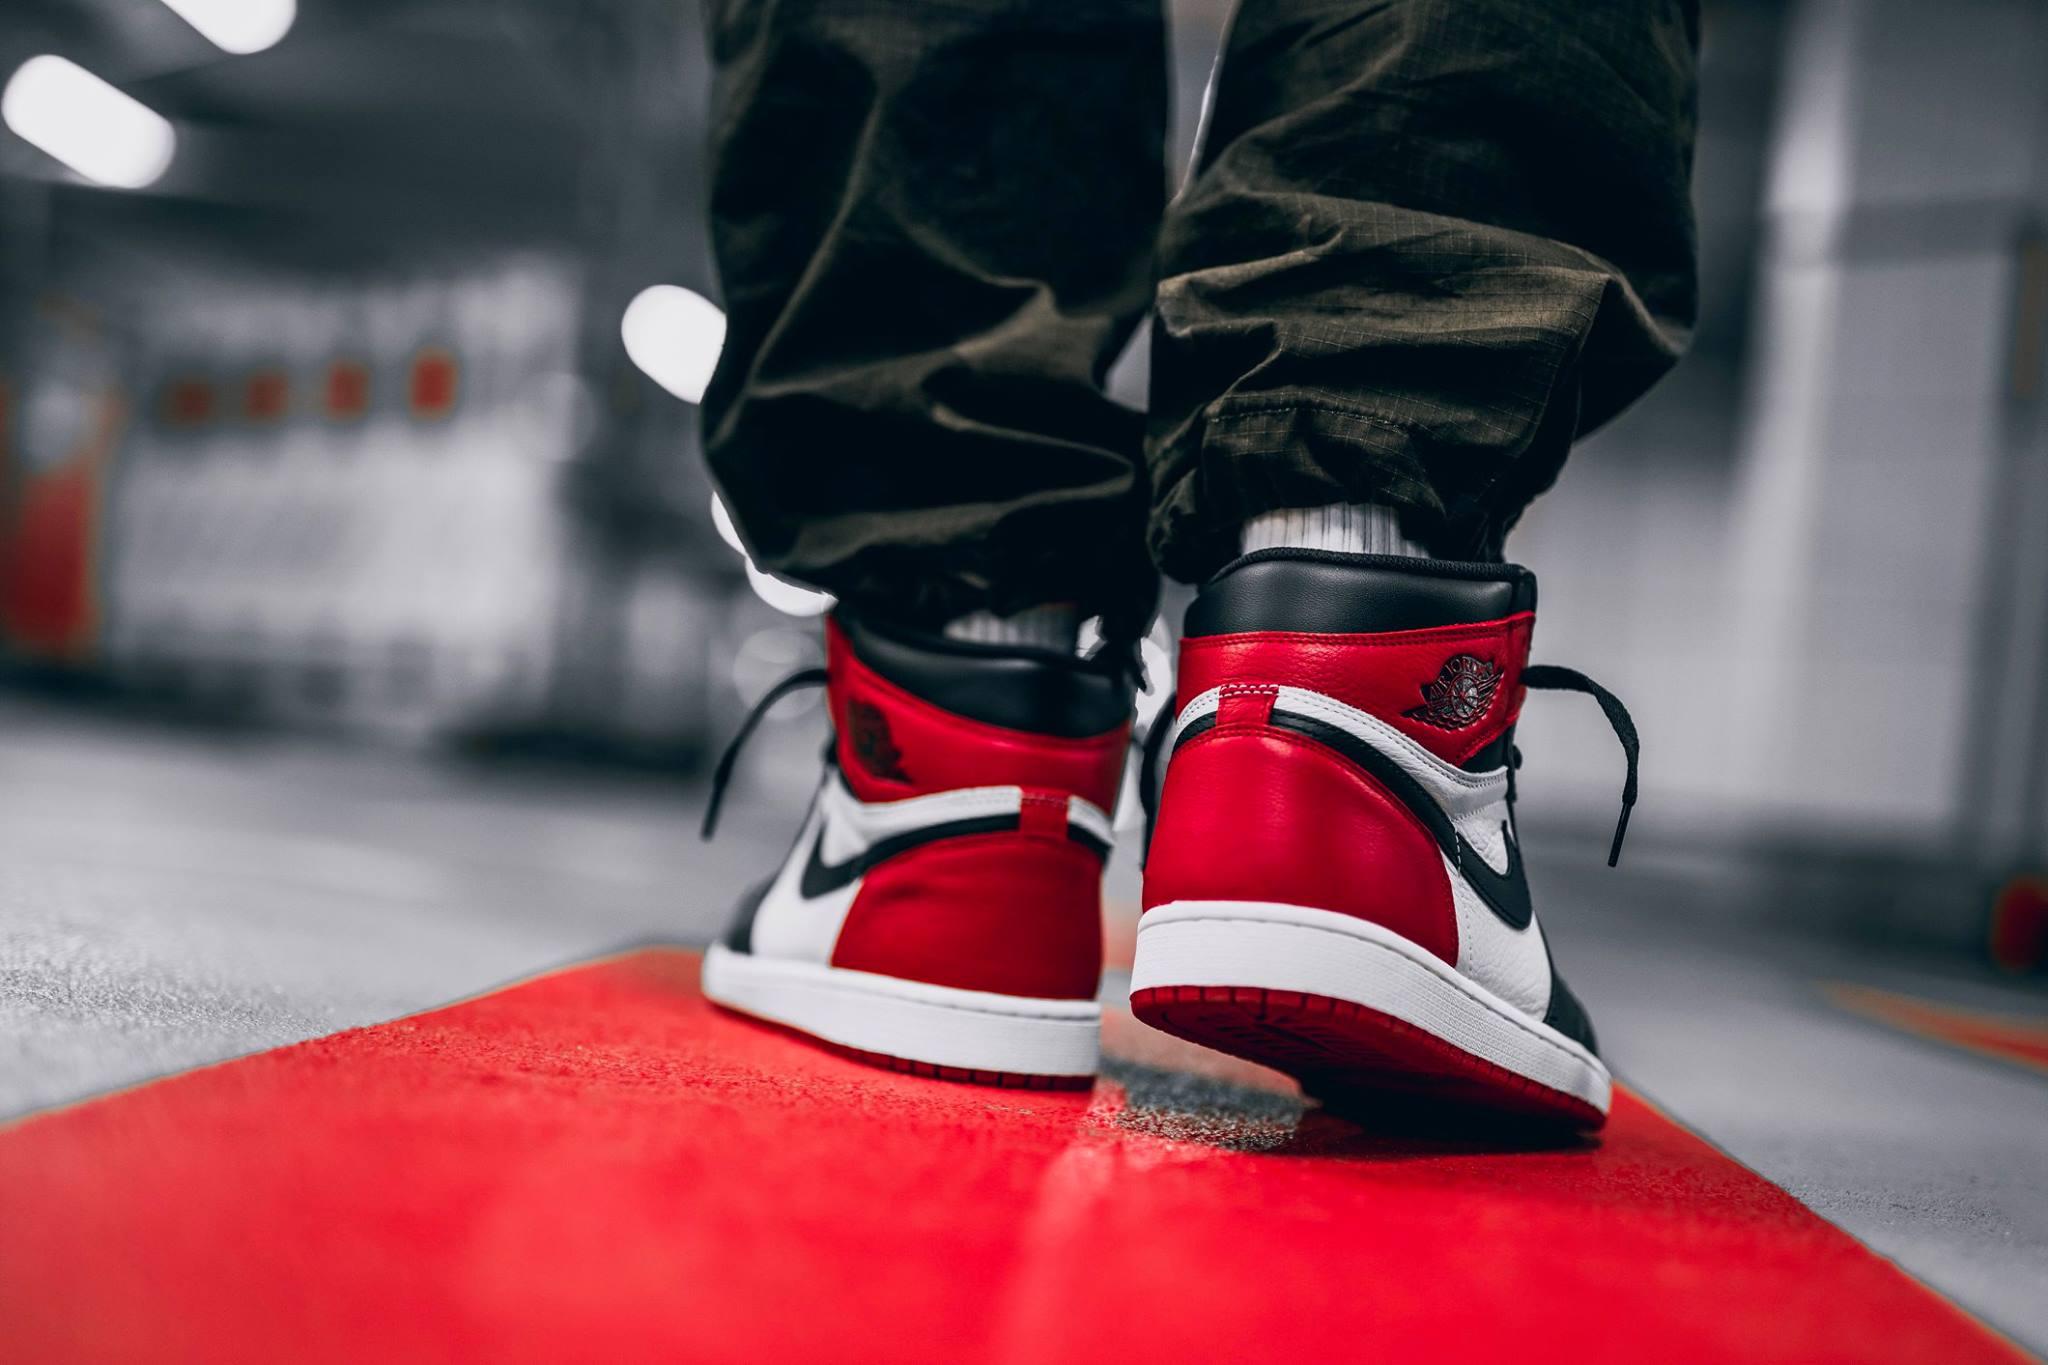 0660c2acf783e1 The Air Jordan 1 Retro High OG